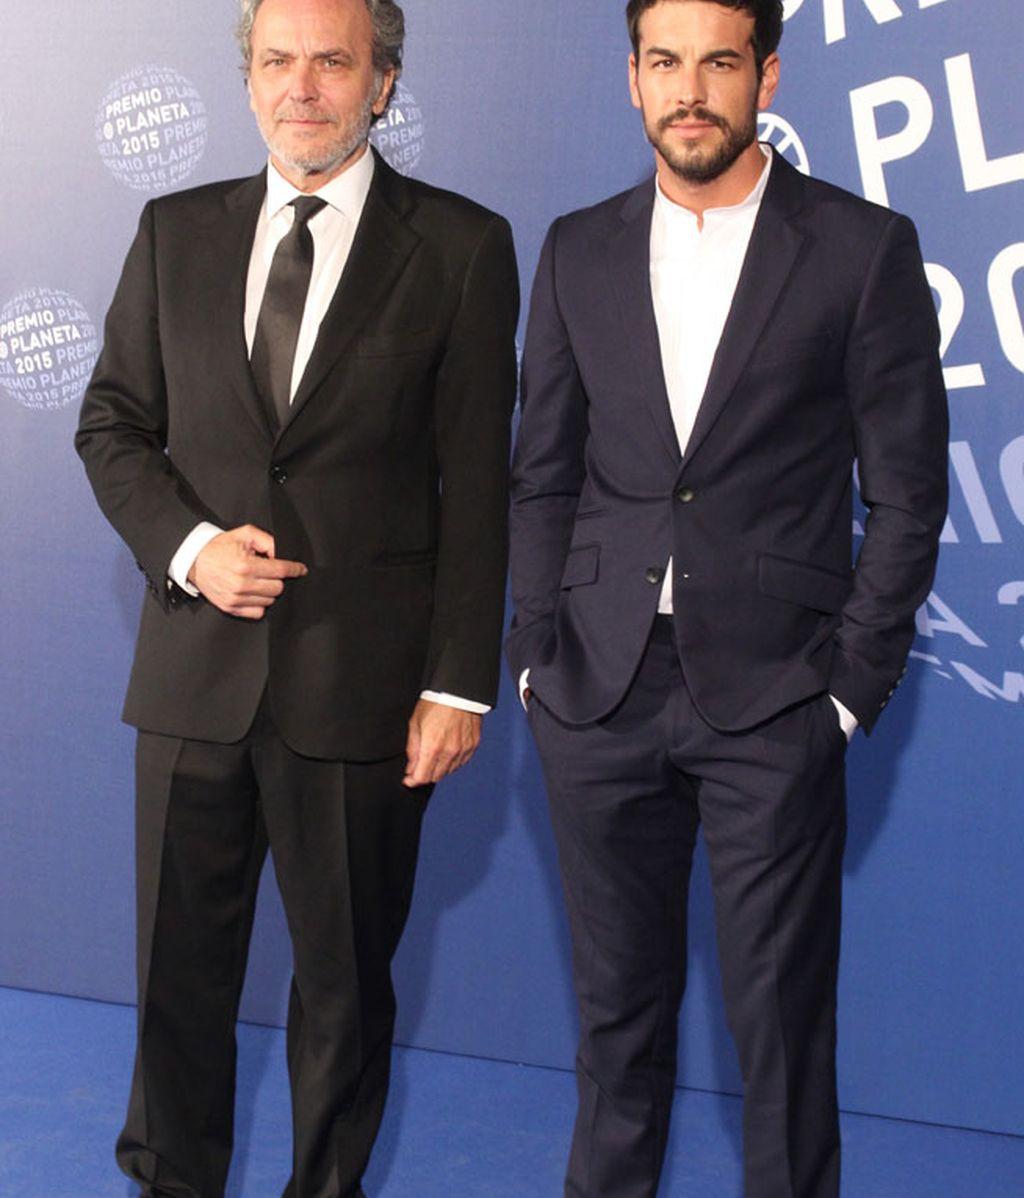 Mario Casas sin corbata y José Coronado con, pero ambos elegantes y trajeados